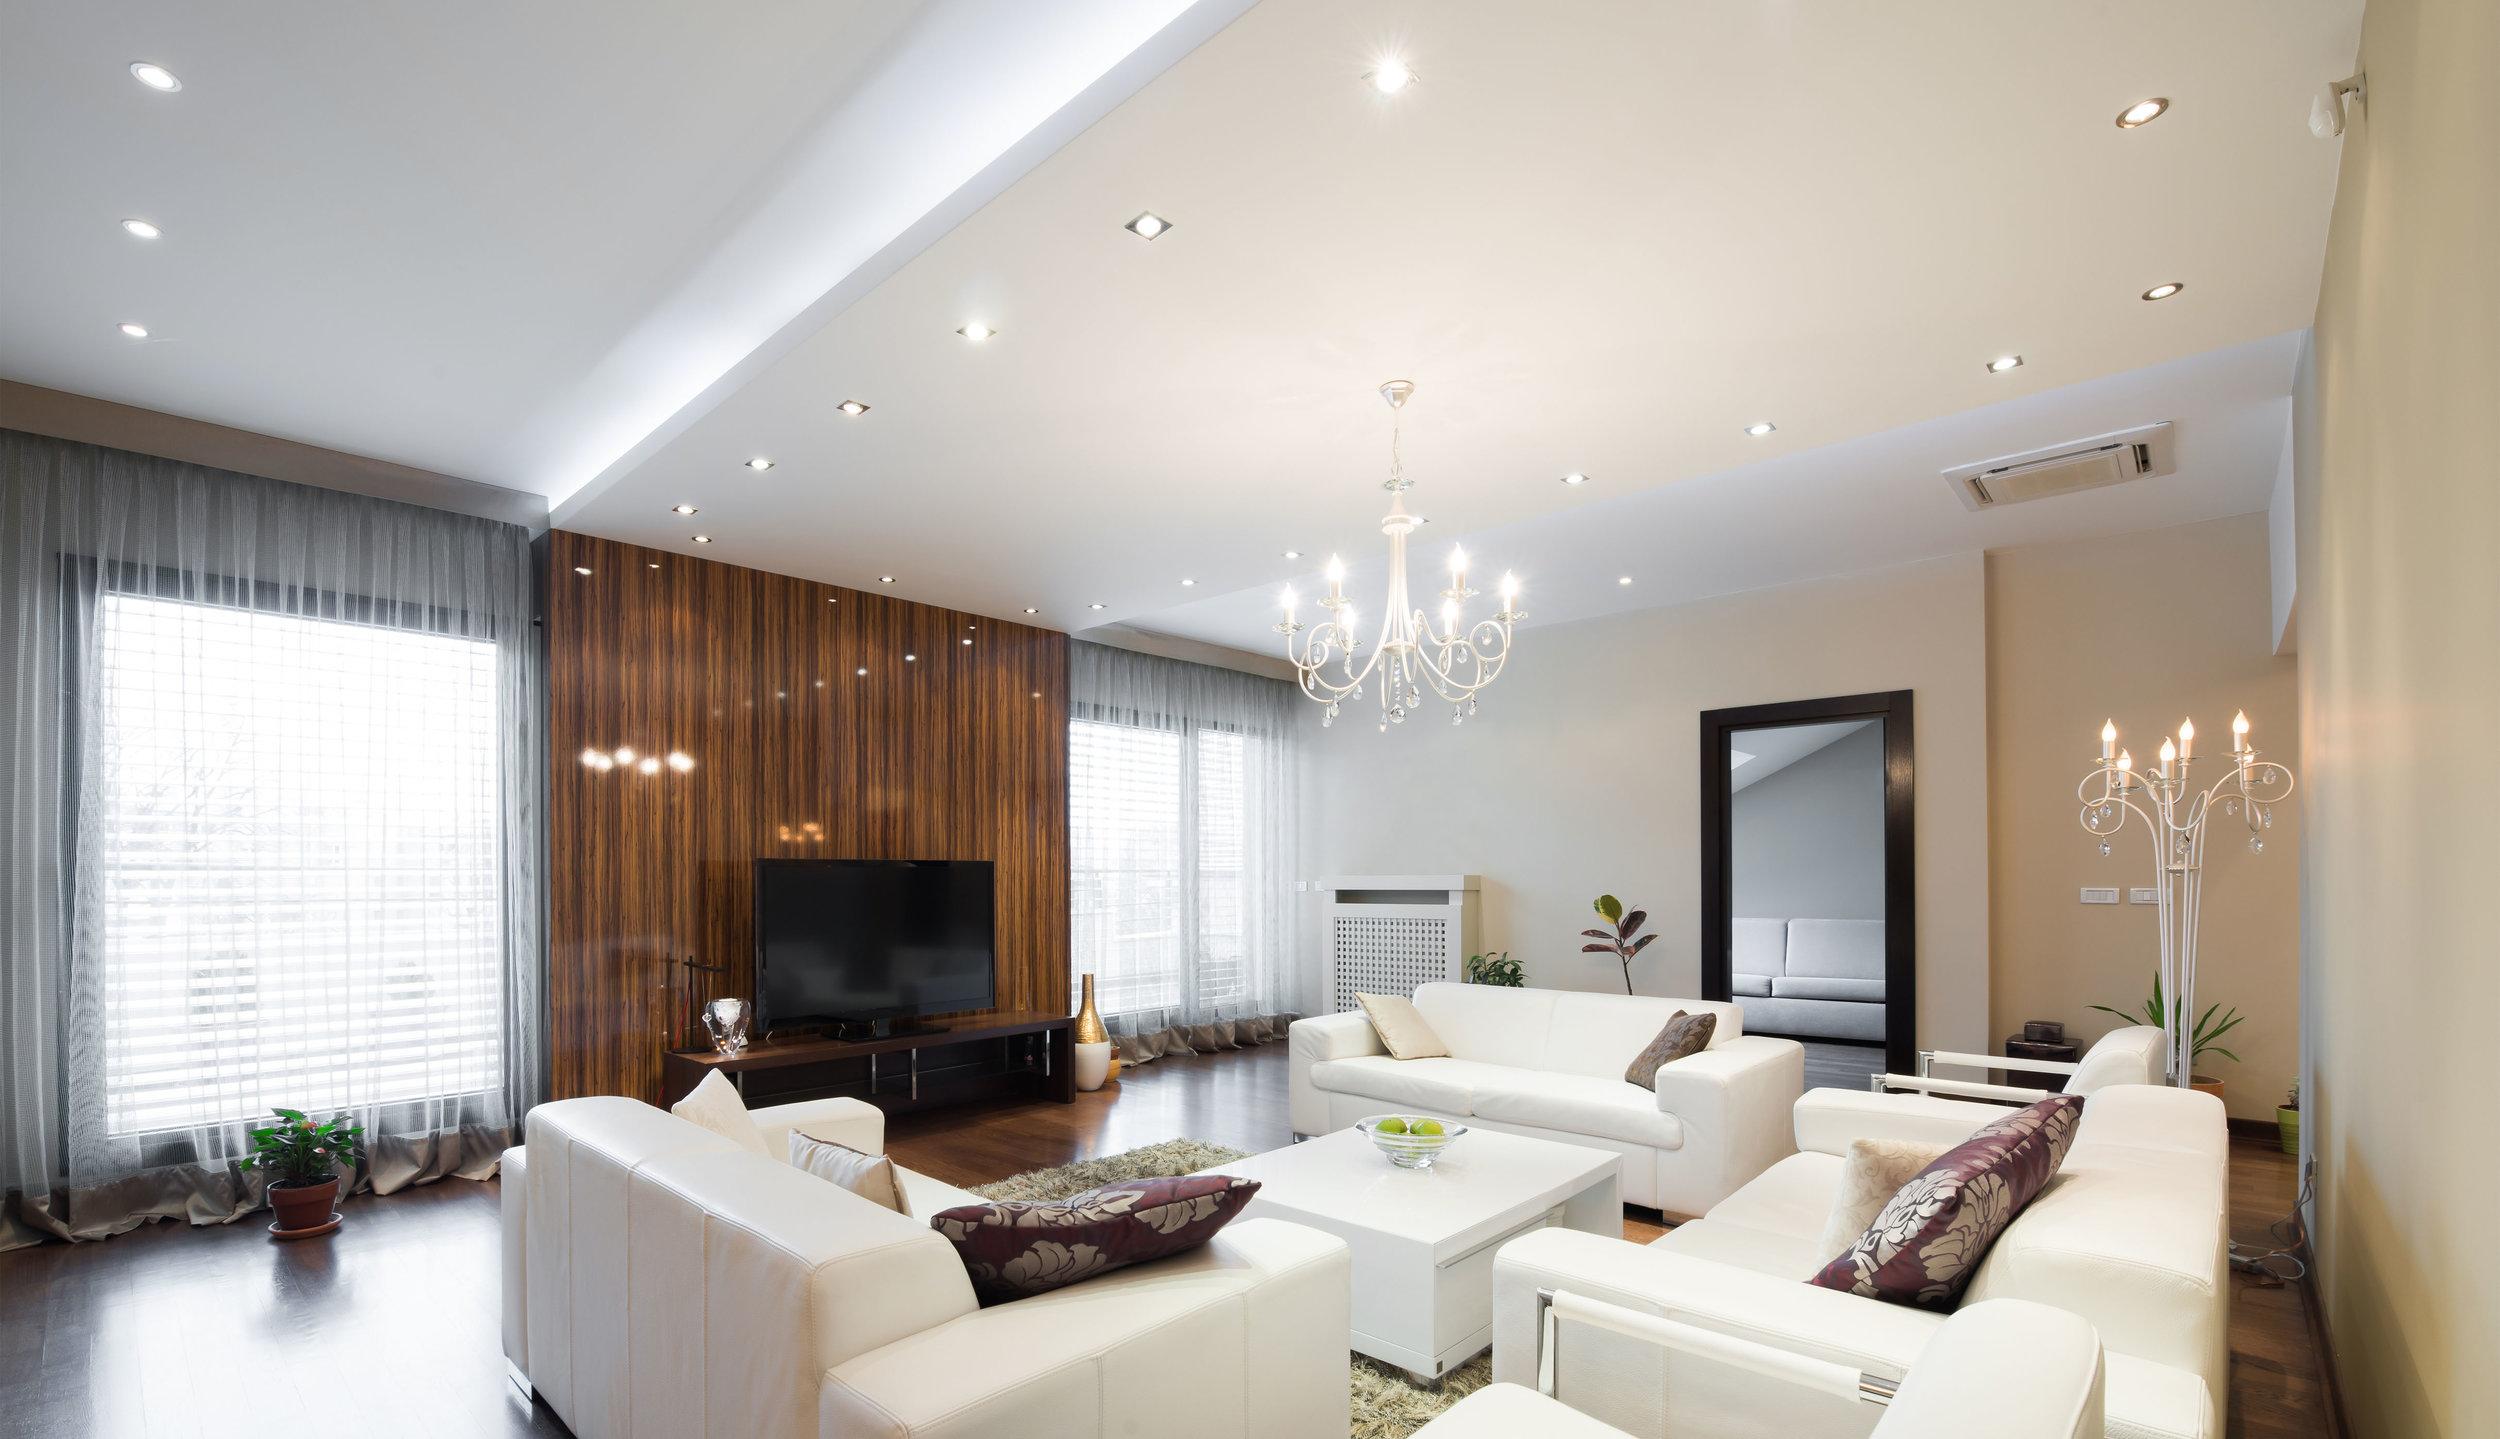 house_led lights.jpg